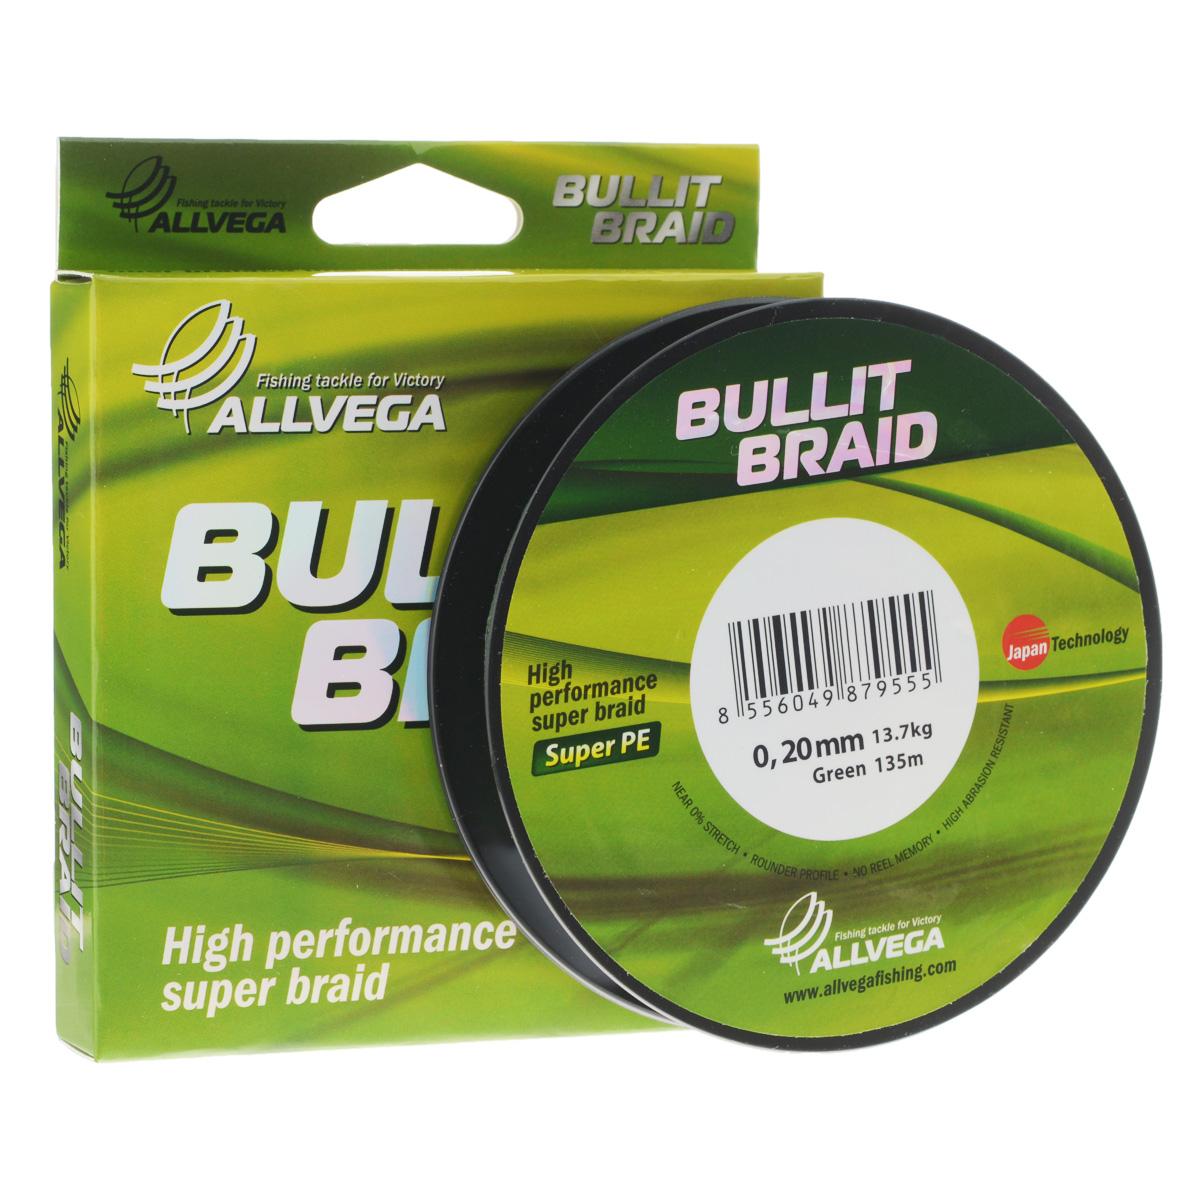 Леска плетеная Allvega Bullit Braid, цвет: темно-зеленый, 135 м, 0,20 мм, 13,7 кг21444Леска Allvega Bullit Braid с гладкой поверхностью и одинаковым сечением по всей длине обладает высокой износостойкостью. Благодаря микроволокнам полиэтилена (Super PE) леска имеет очень плотное плетение и не впитывает воду. Леску Allvega Bullit Braid можно применять в любых типах водоемов. Особенности: повышенная износостойкость; высокая чувствительность - коэффициент растяжения близок к нулю; отсутствует память; идеально гладкая поверхность позволяет увеличить дальность забросов; высокая прочность шнура на узлах.